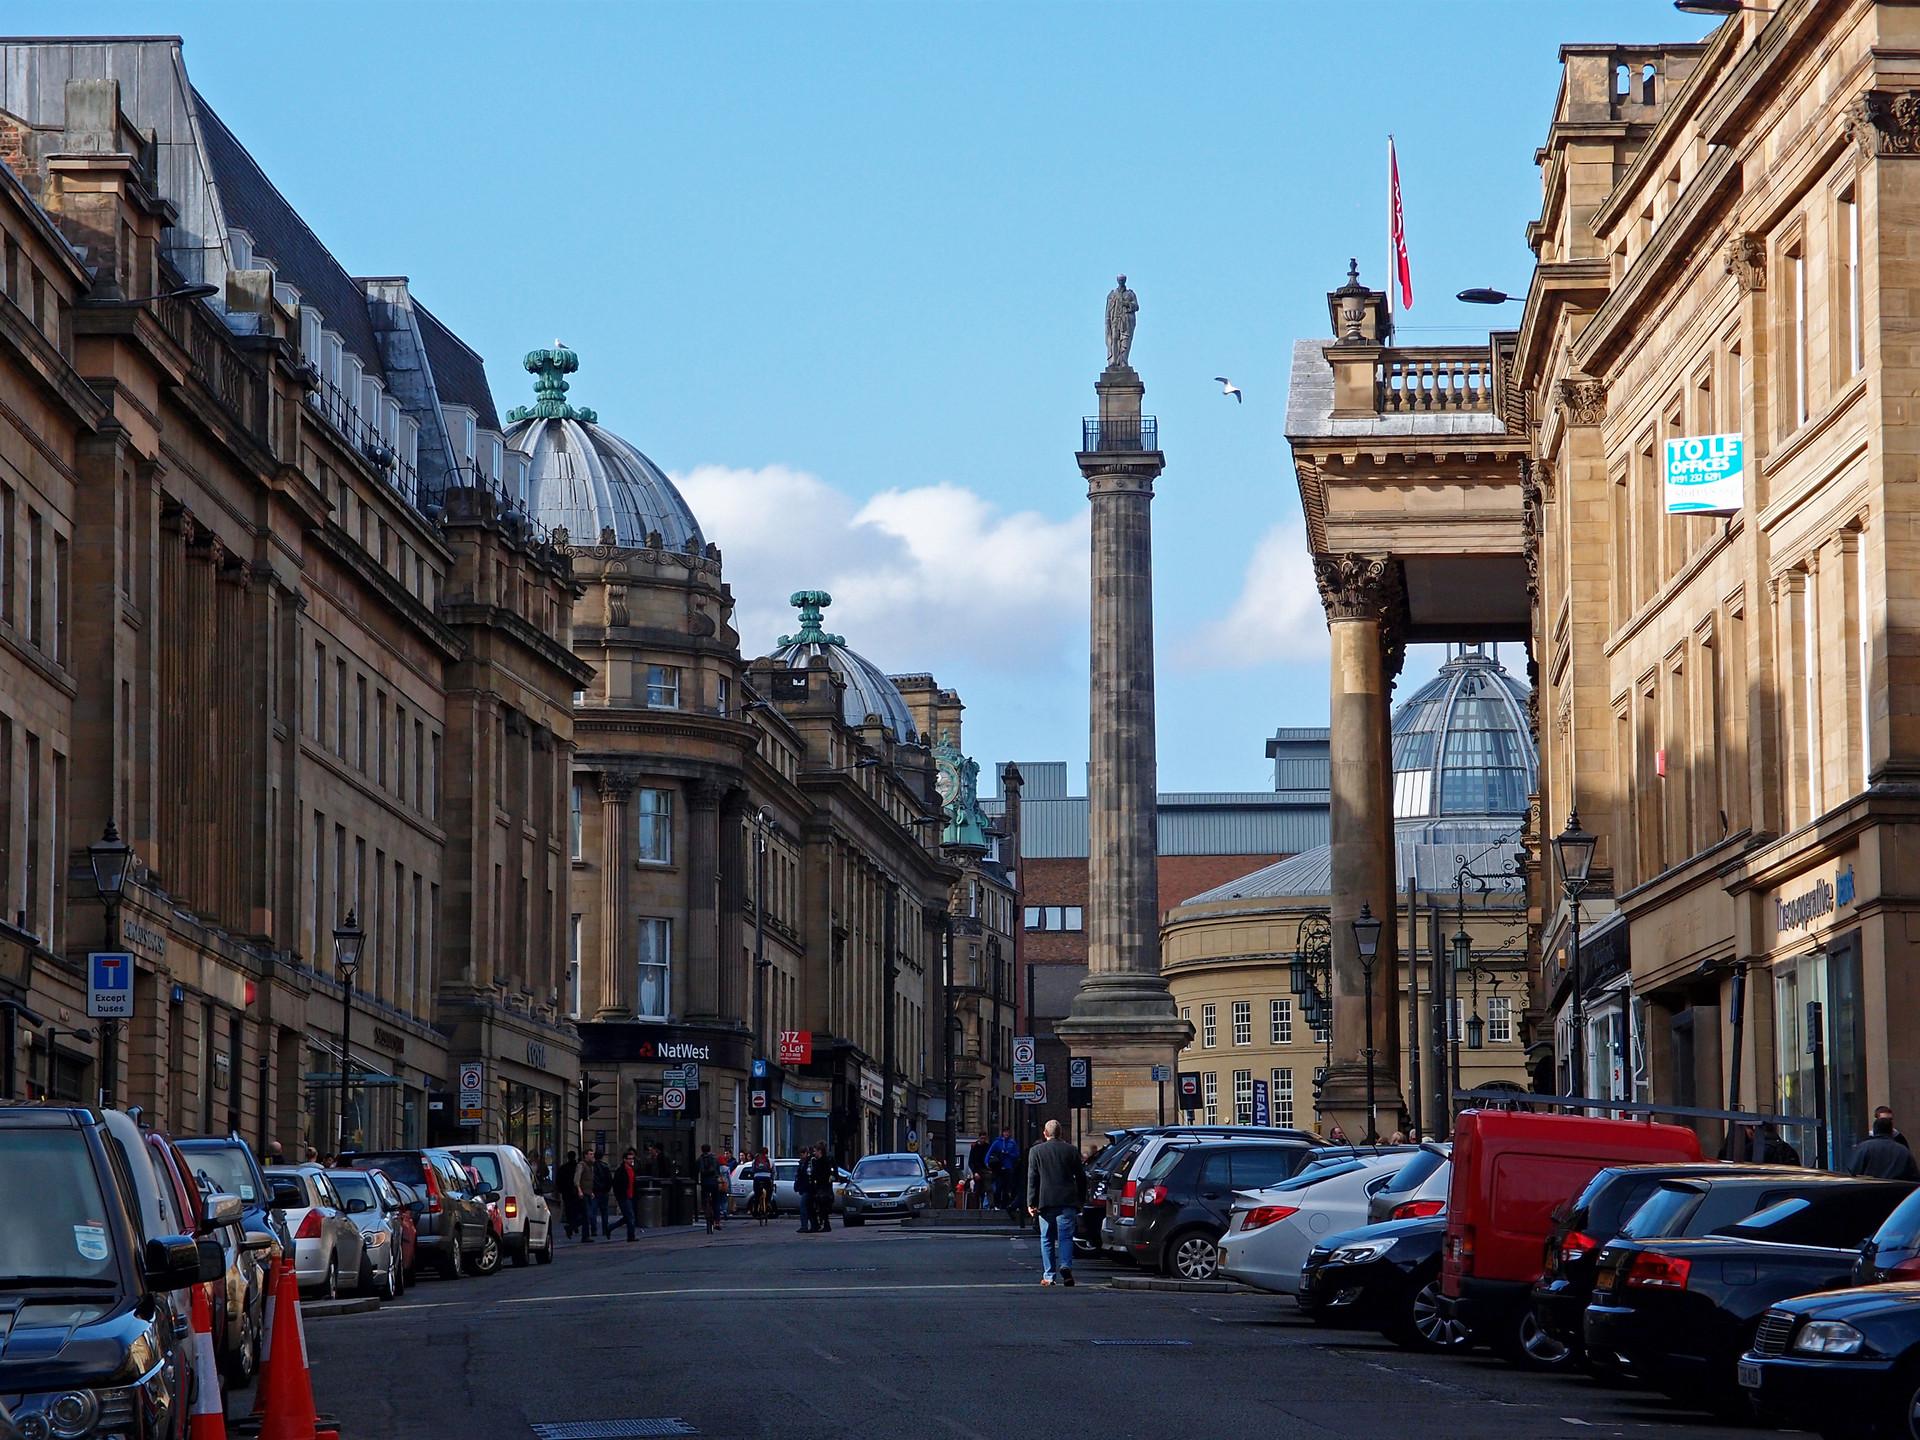 sites de rencontres gratuits Newcastle upon Tyne meilleur Ukraine rencontres service